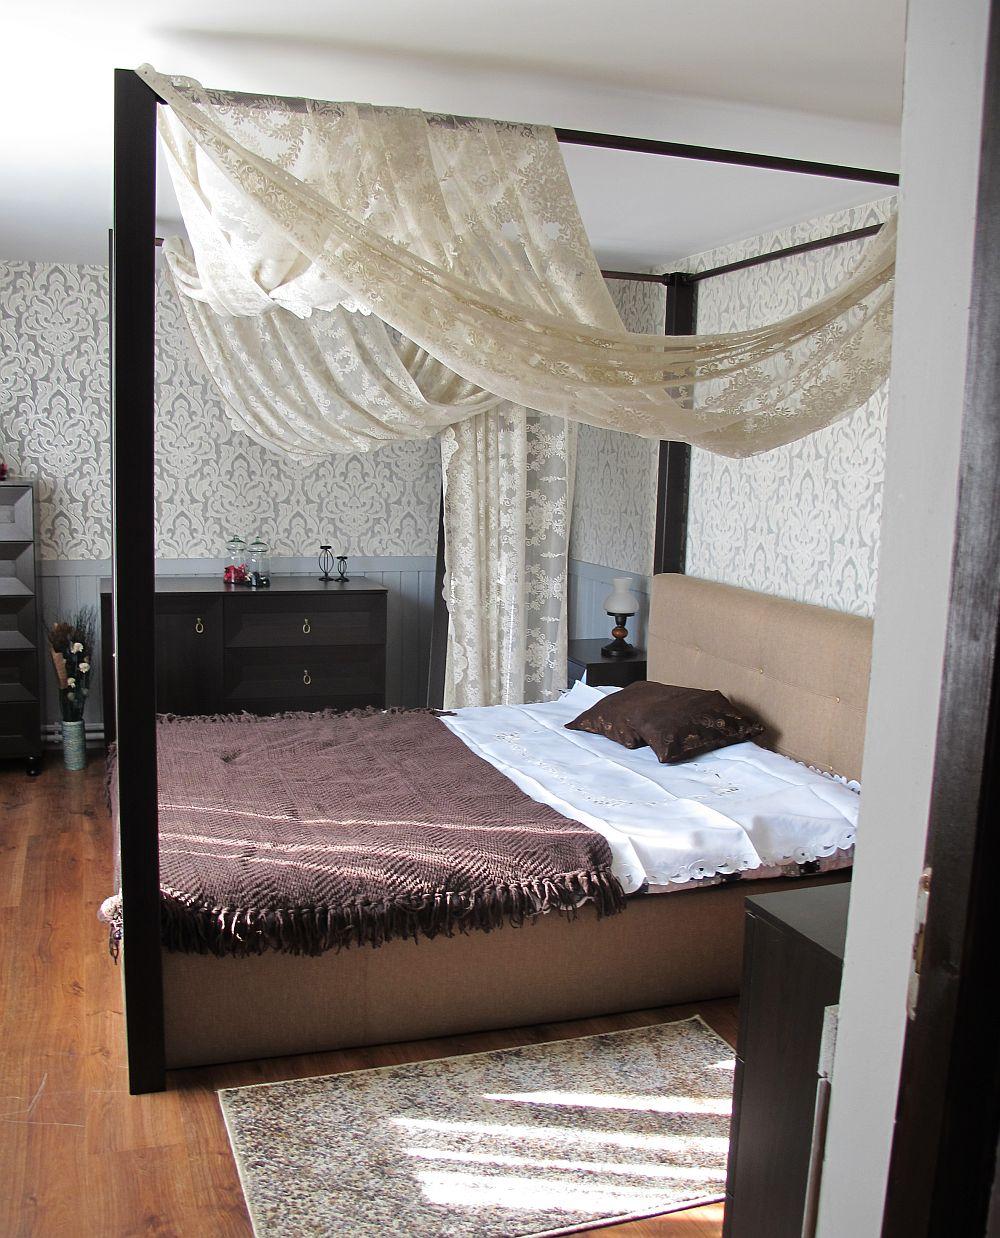 adelaparvu.com despre Casa familiei Ilie, Tufeni, Olt emisiunea Visuri la cheie, ProTV, sezon 1, 2014 (42)